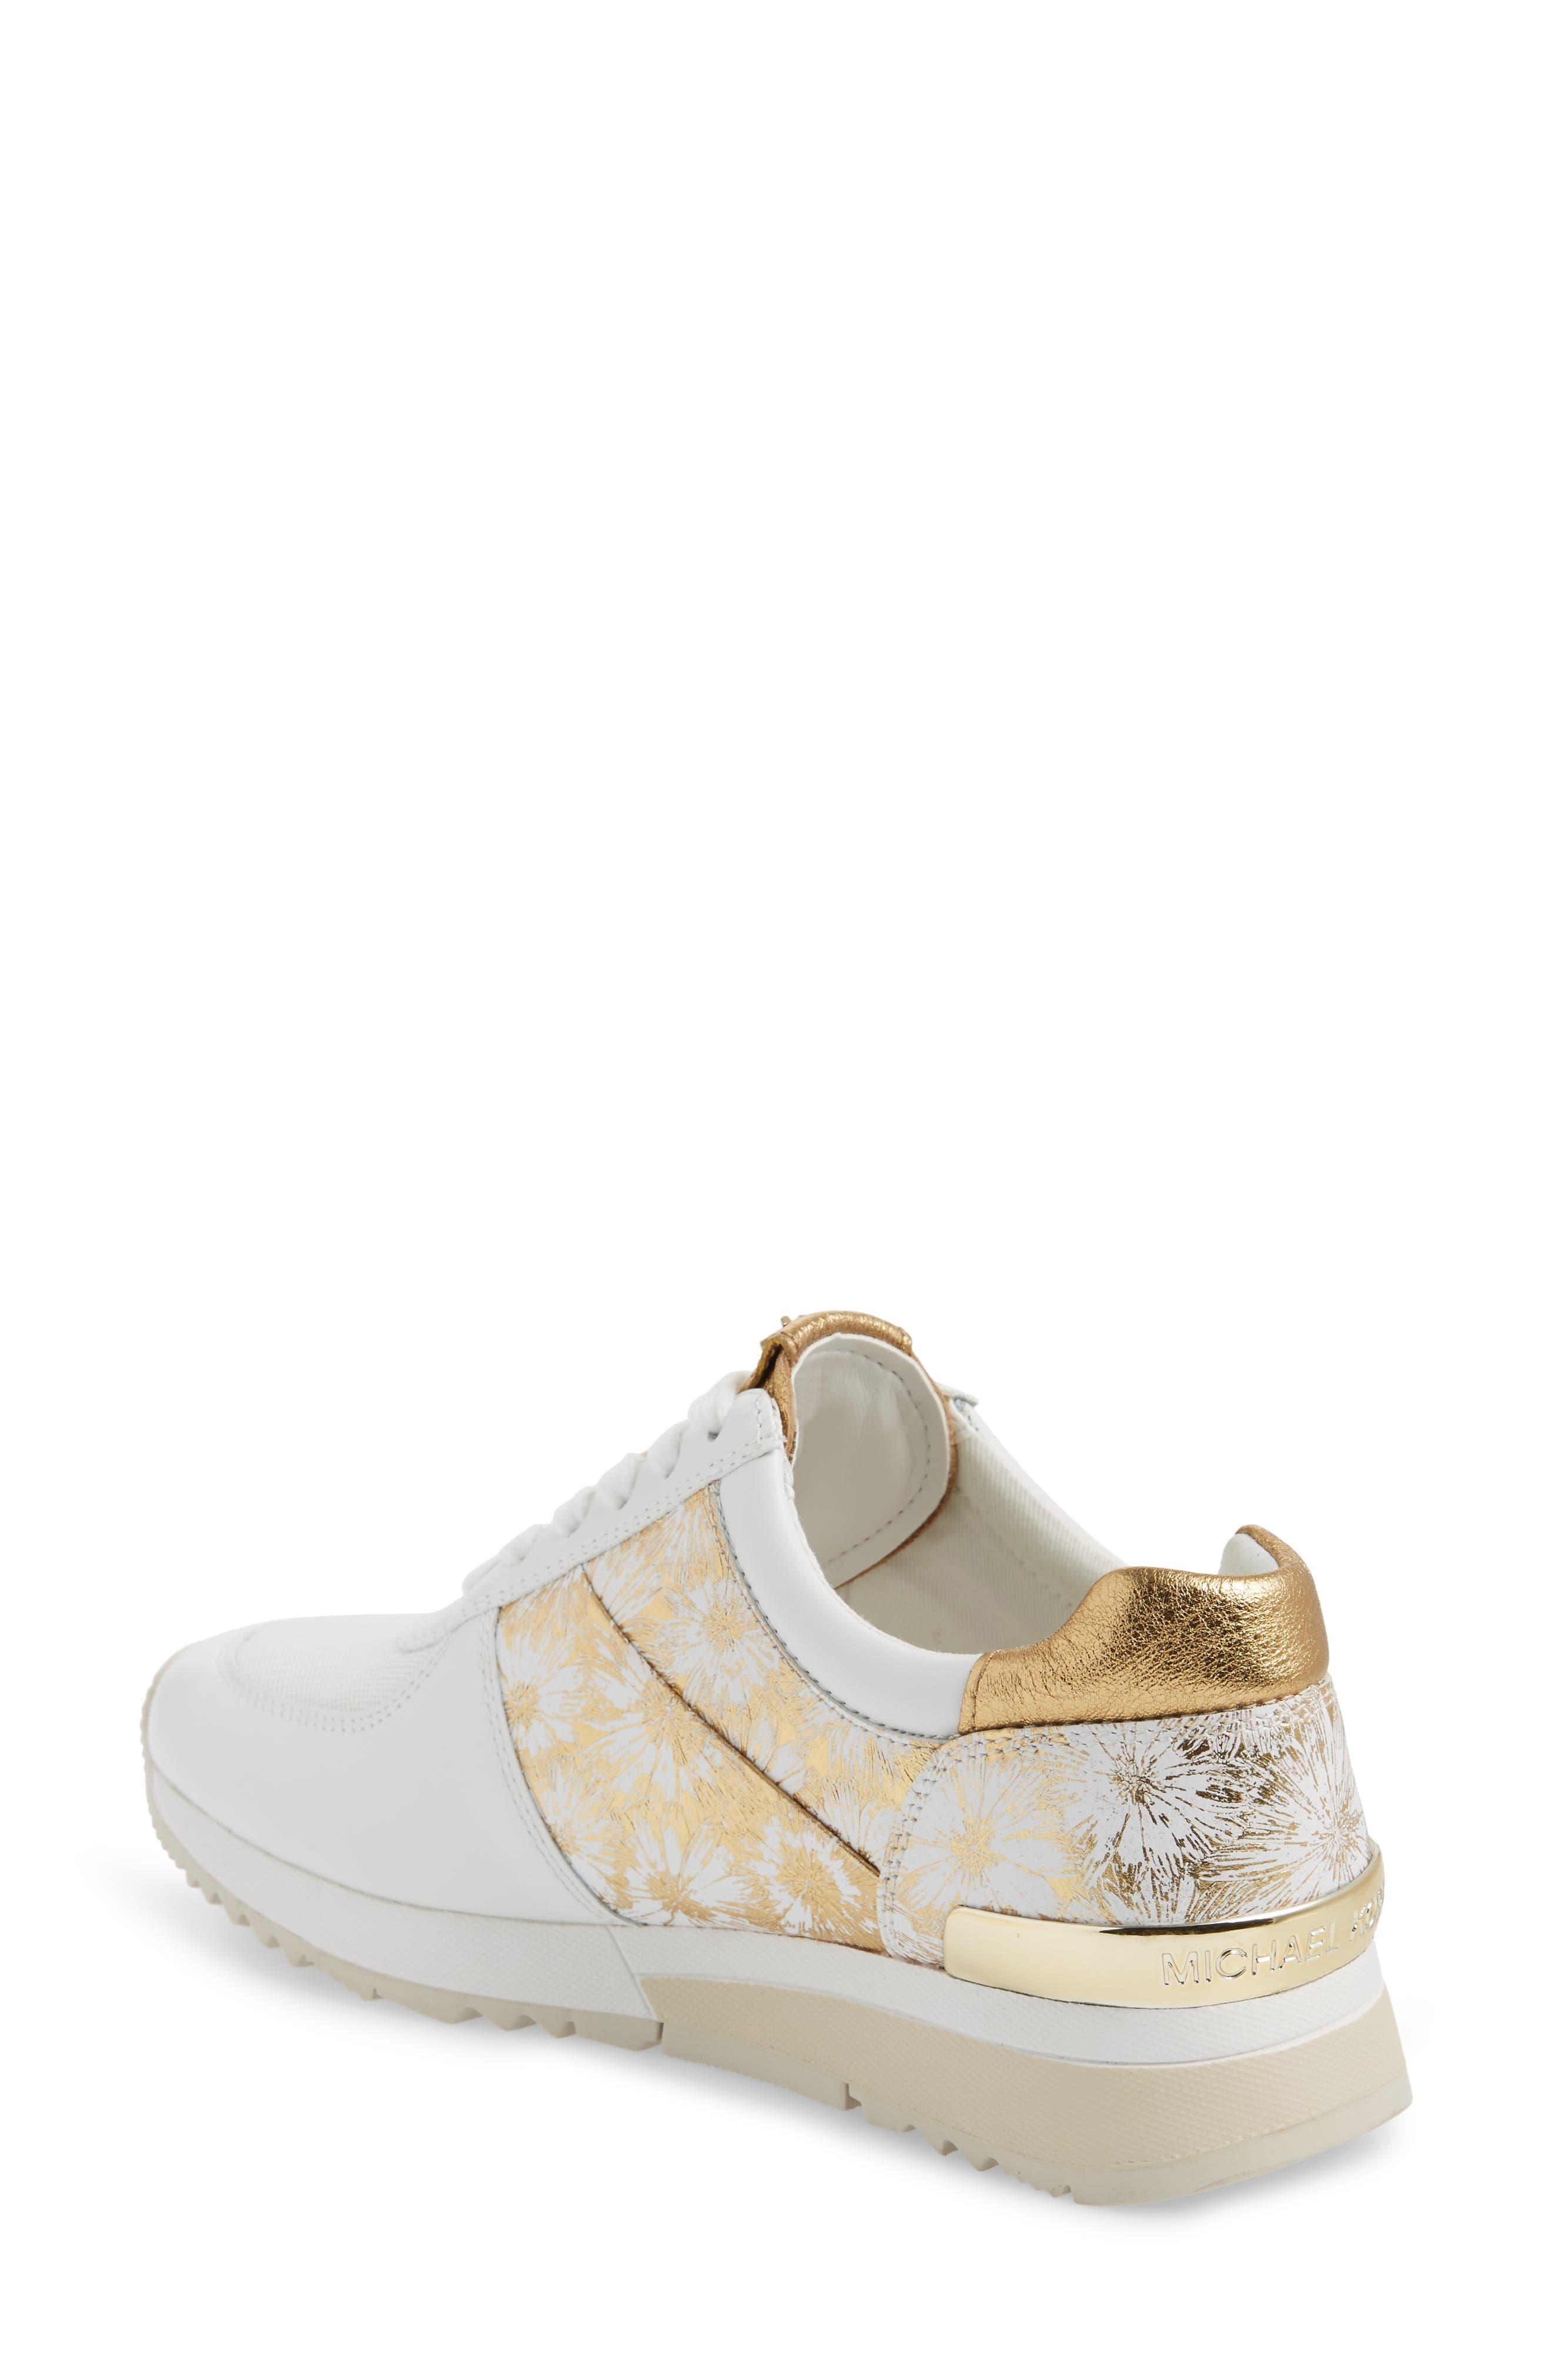 'Allie' Sneaker,                             Alternate thumbnail 2, color,                             Gold